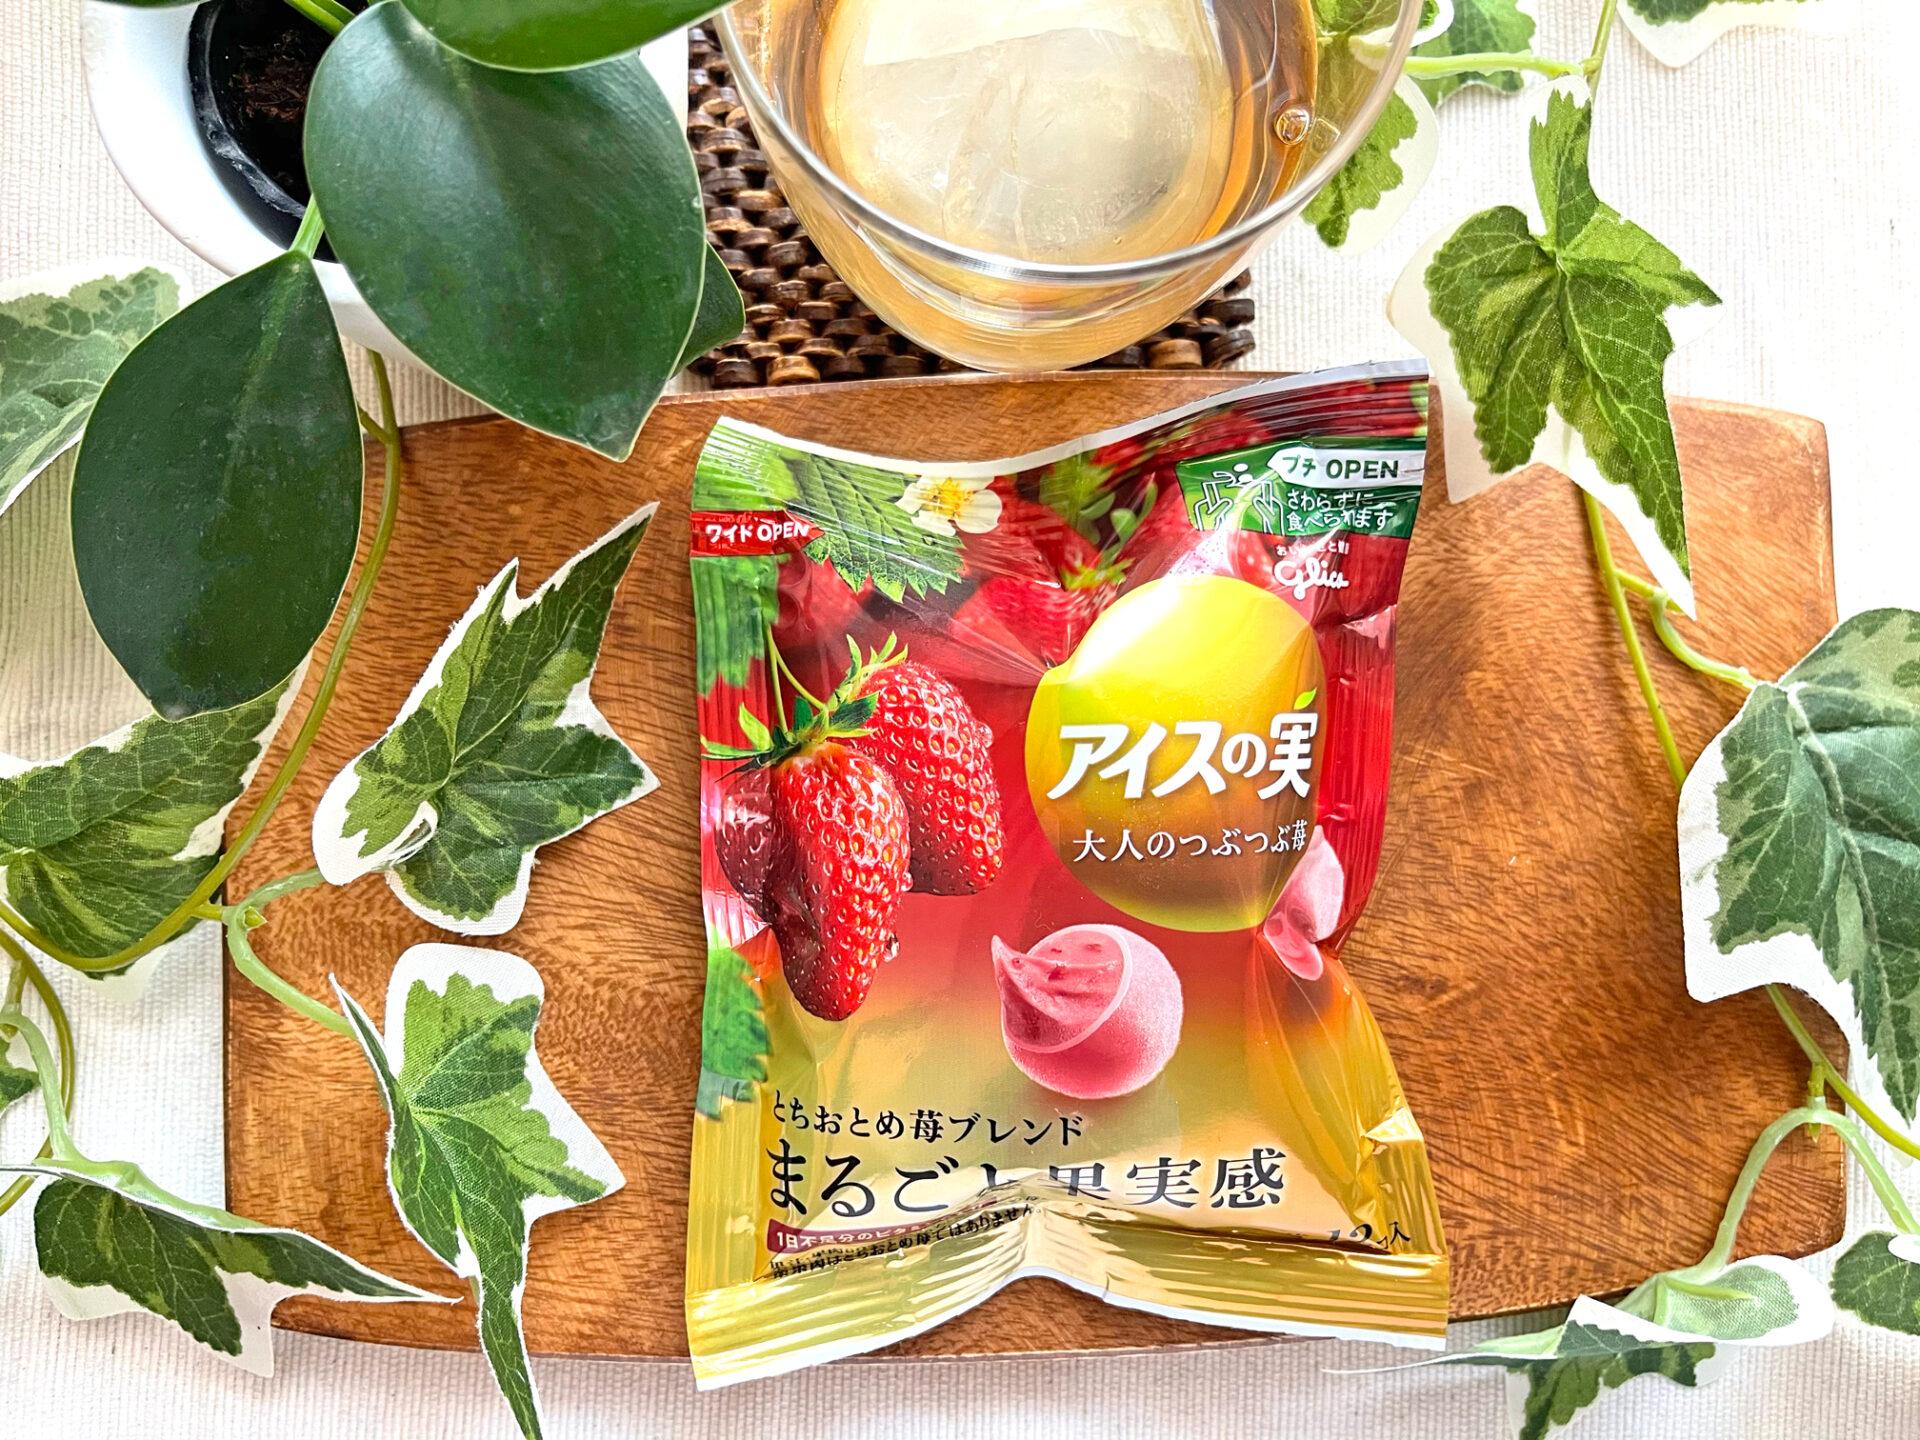 江崎グリコ『アイスの実 大人のつぶつぶ苺』